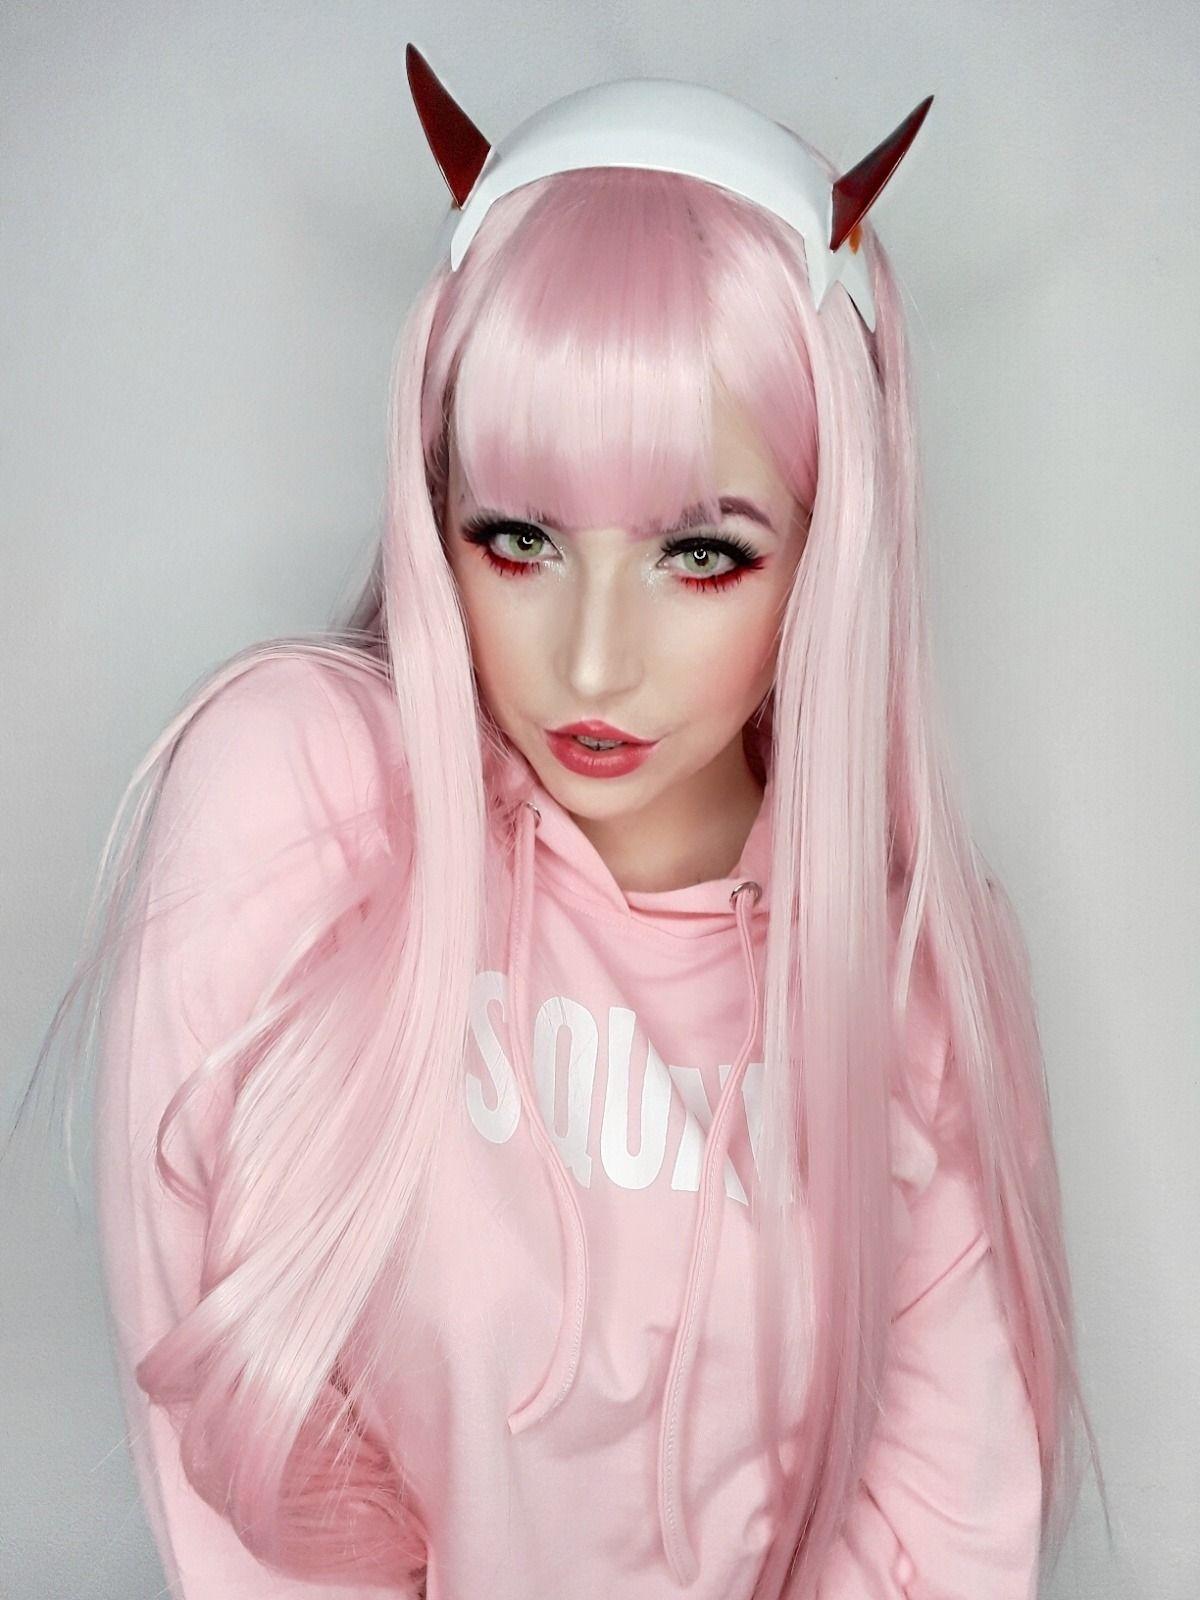 Zero two cosplay on Tumblr